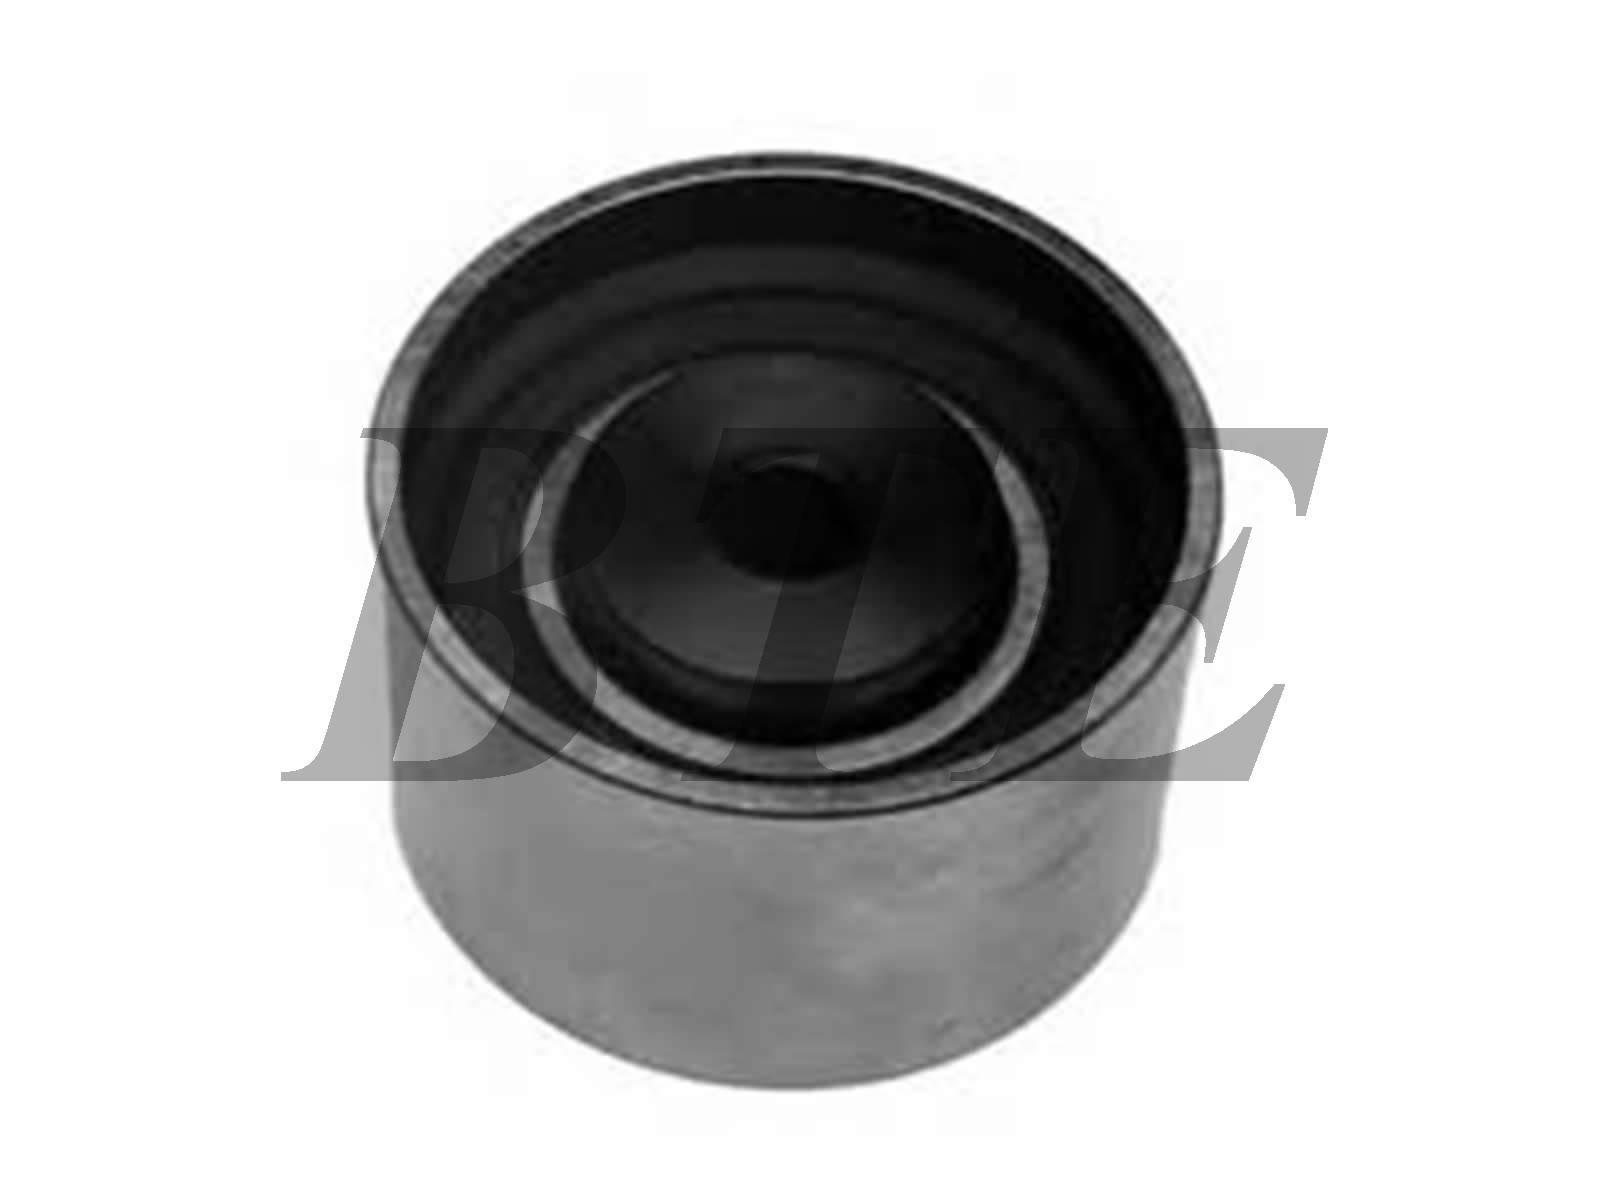 belt tensioner idler pulley for MAZDA RF7112730A VKM84310 57011 532010320